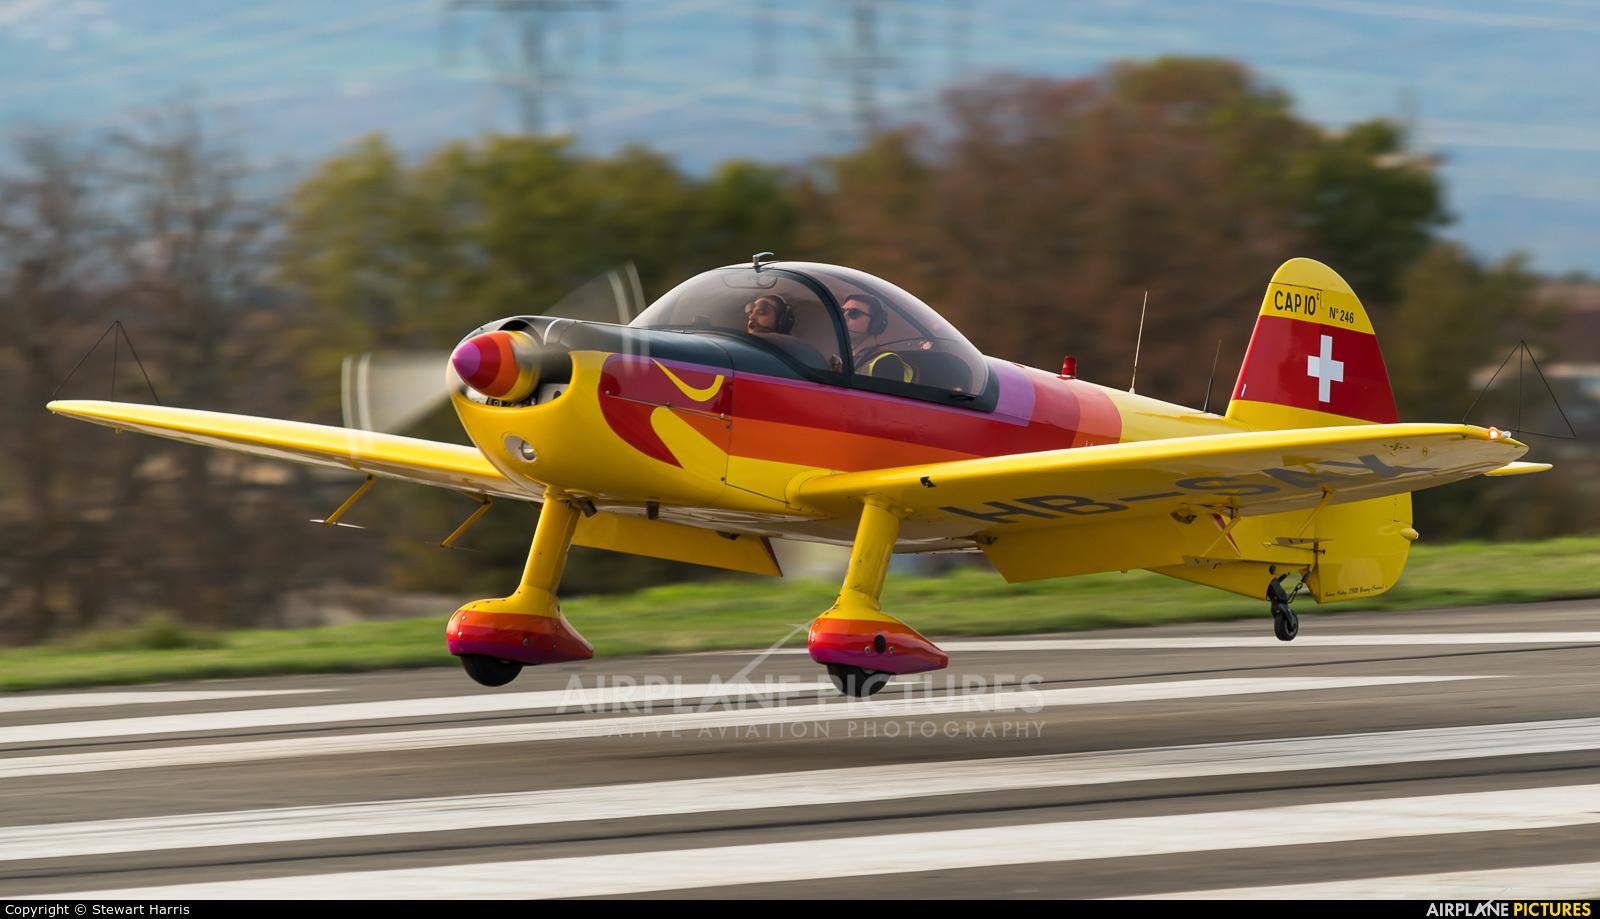 Groupement de Vol à Moteur - Lausanne HB-SAX aircraft at Lausanne - La Blécherette